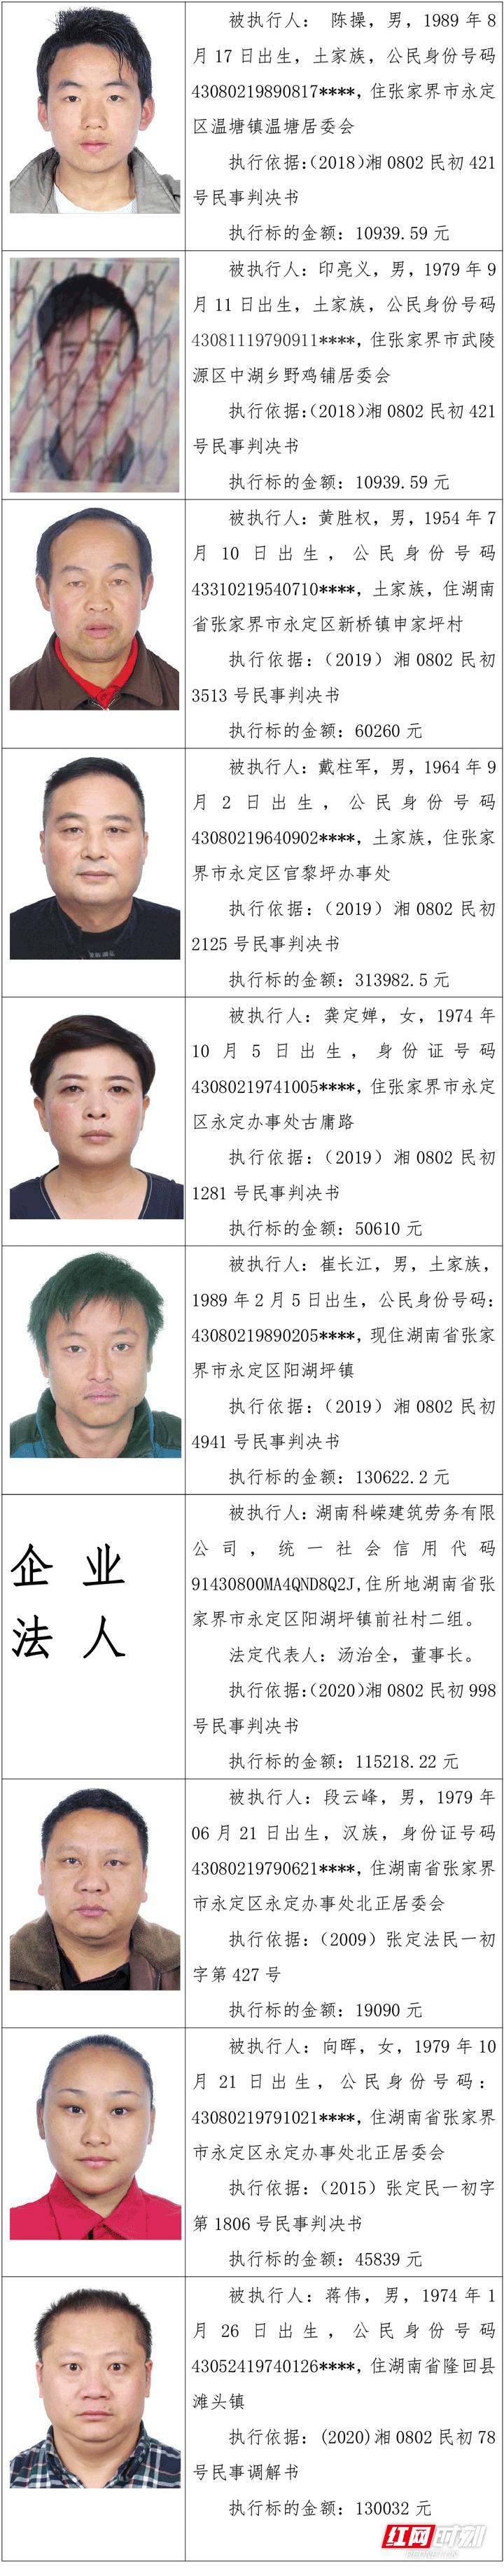 失信被执行人名单第21期-1.png